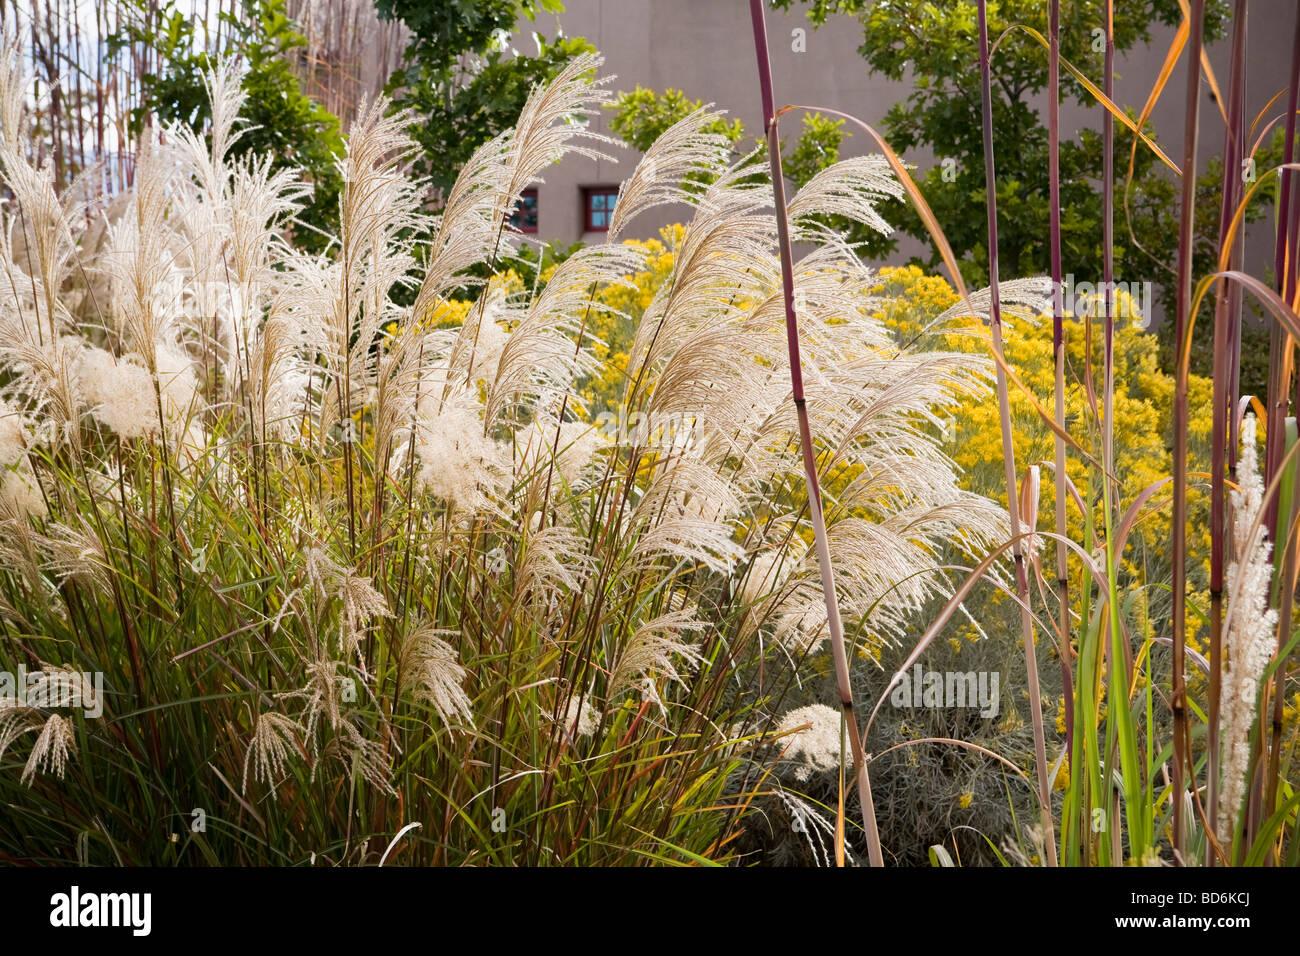 Ornamental grass Miscanthus around rain garden water catch basin in ...